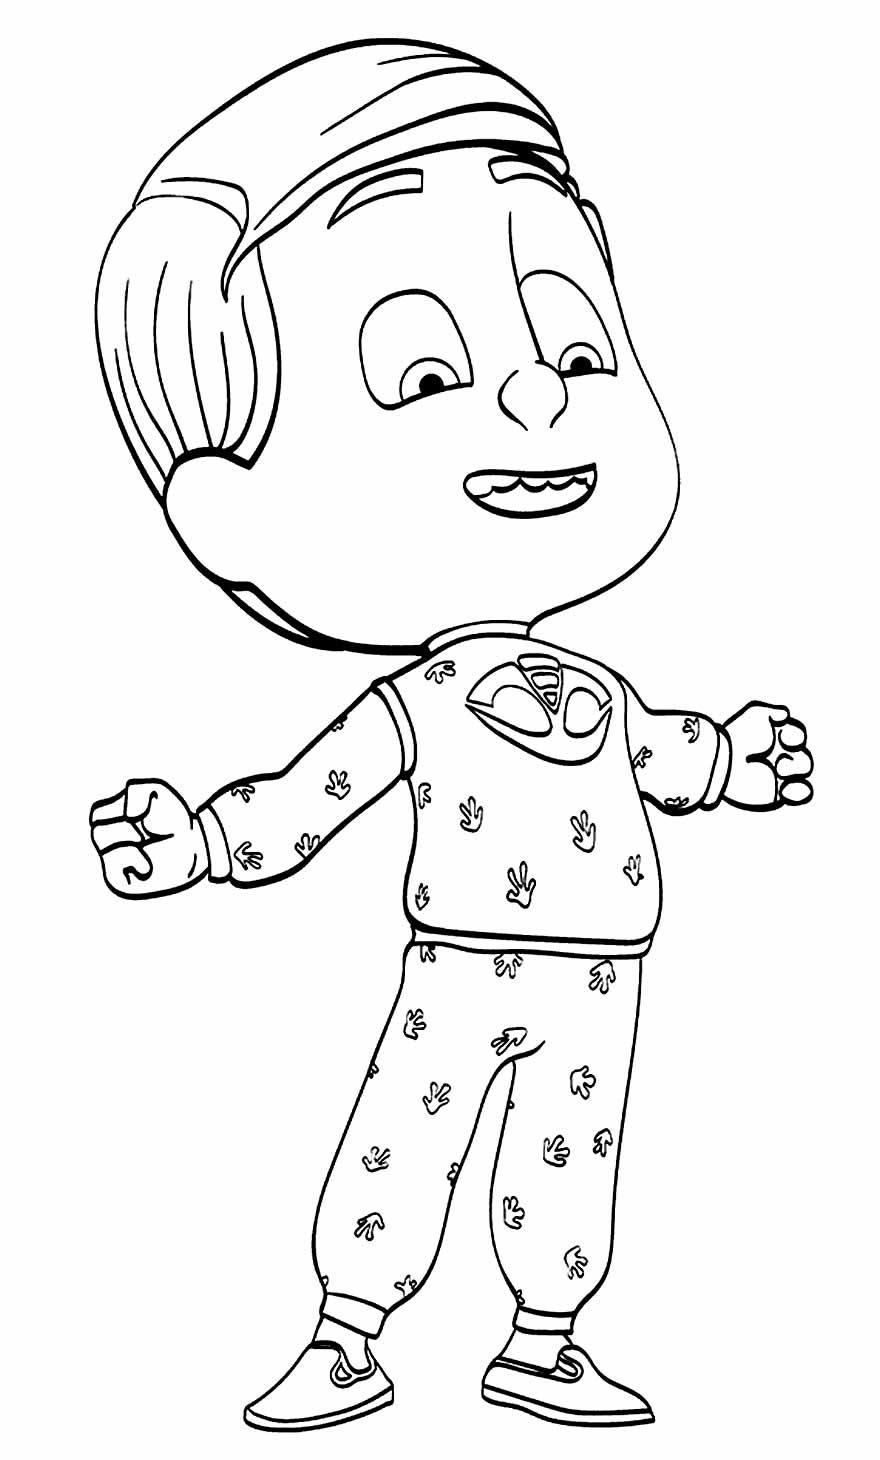 Desenho de PJ Masks para pintar